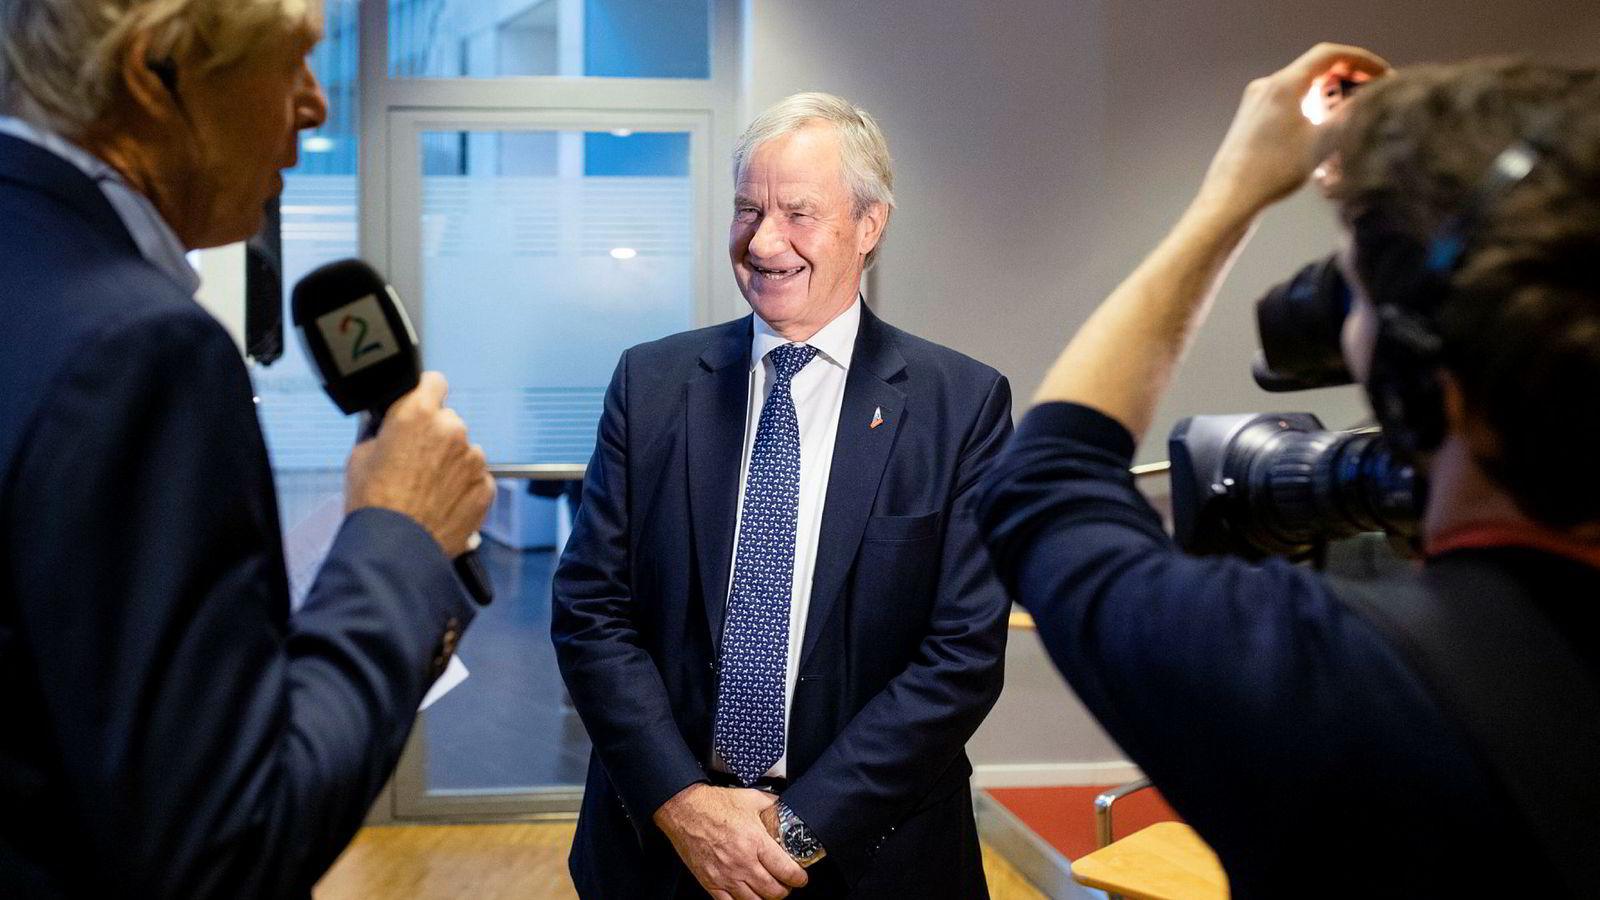 Bjørn Kjos er konsernsjef i Norwegian, ett av få europeiske lavprisselskap som har våget seg inn i Sør-Amerika.